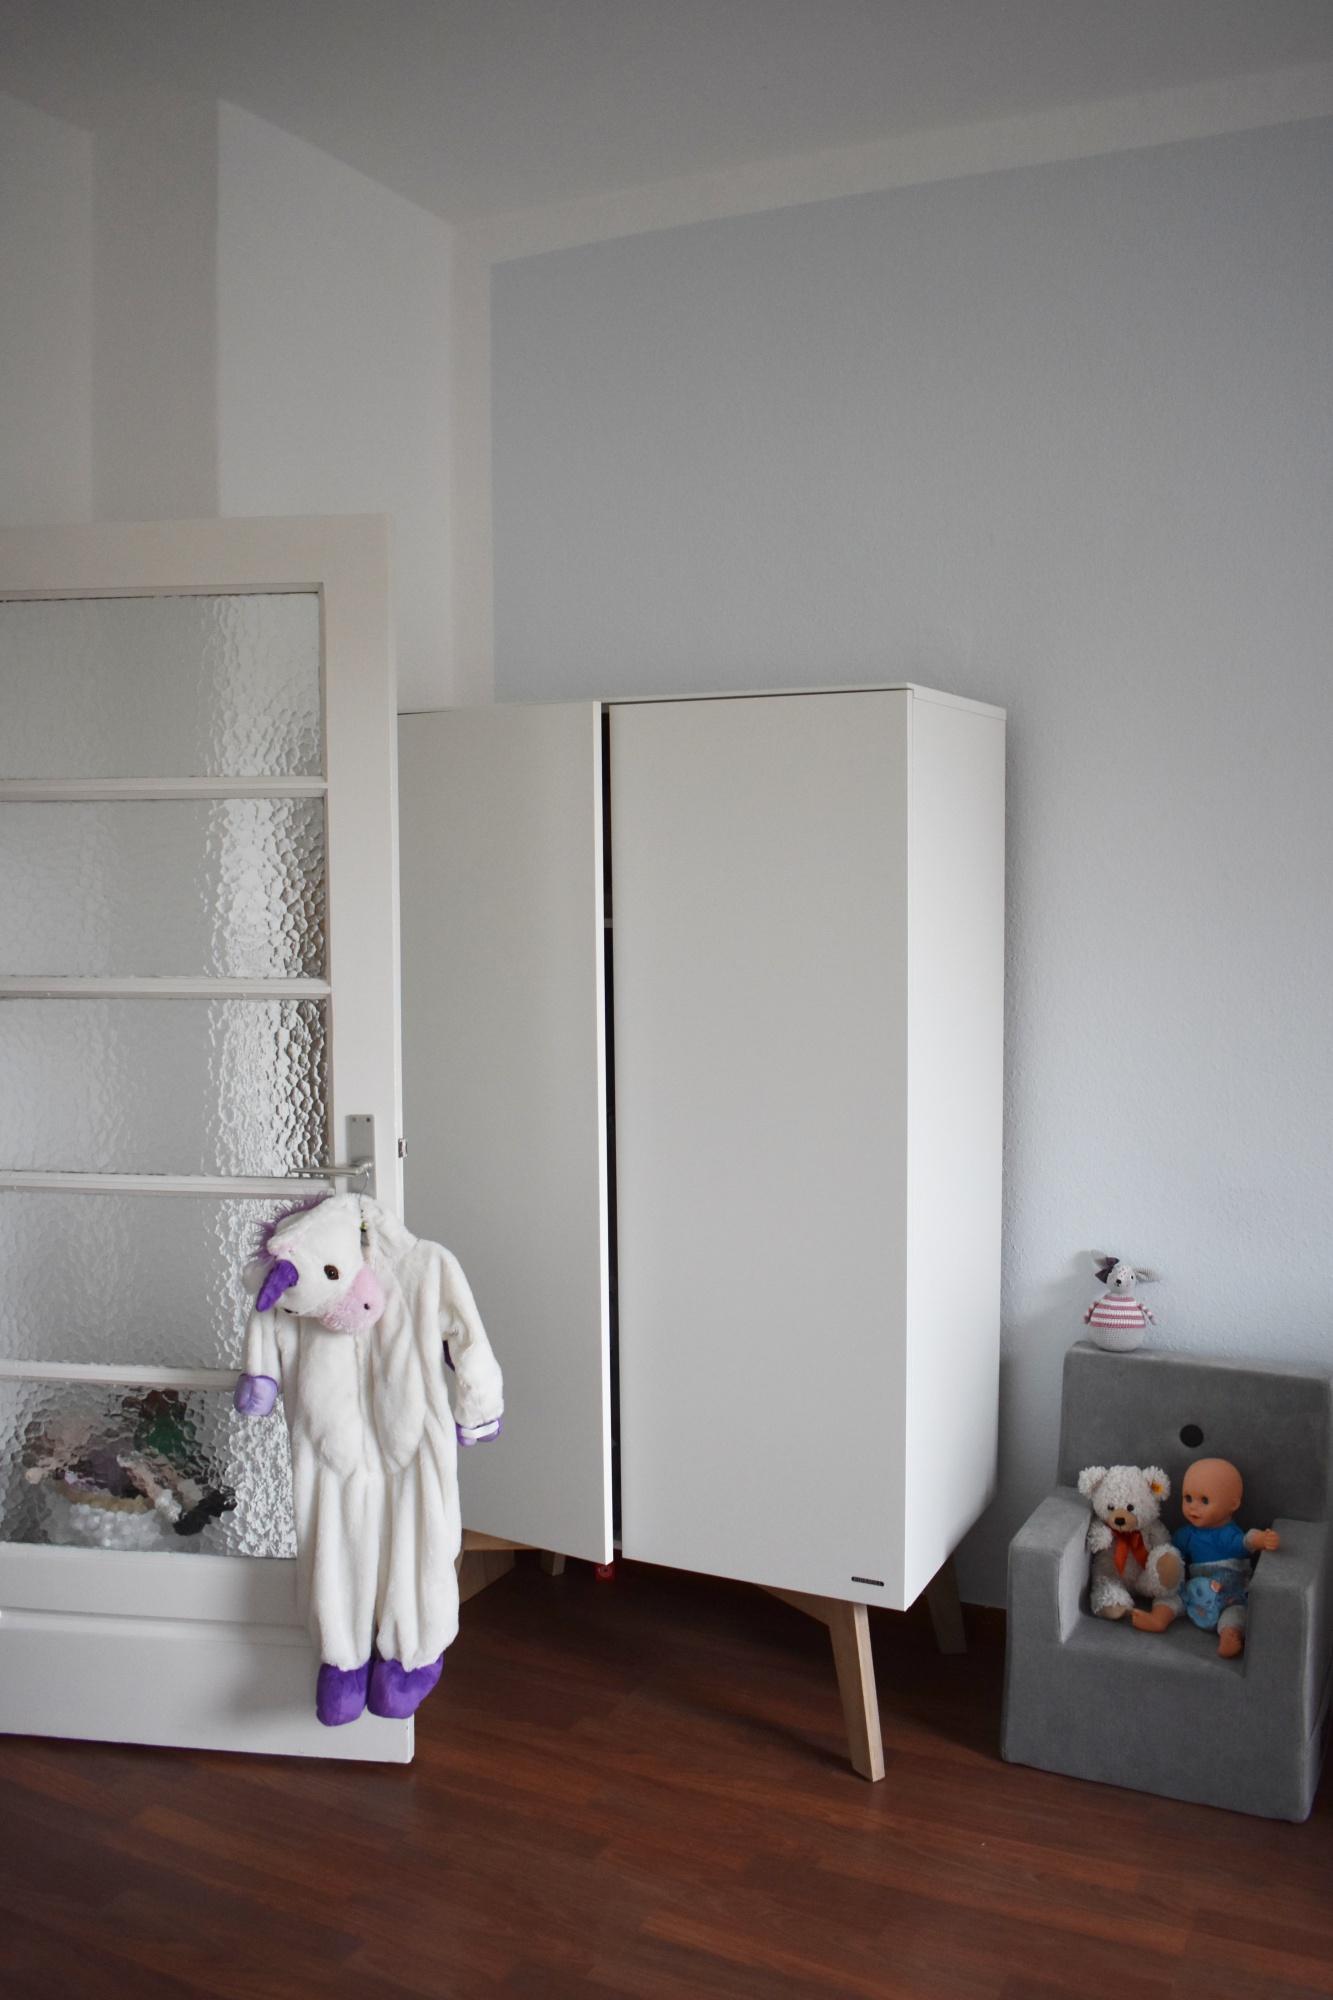 Kinderzimmer kleinkind mädchen  DAS KINDERZIMMER // EIN ZIMMER FÜR EIN GAR NICHT MEHR SO KLEINES ...